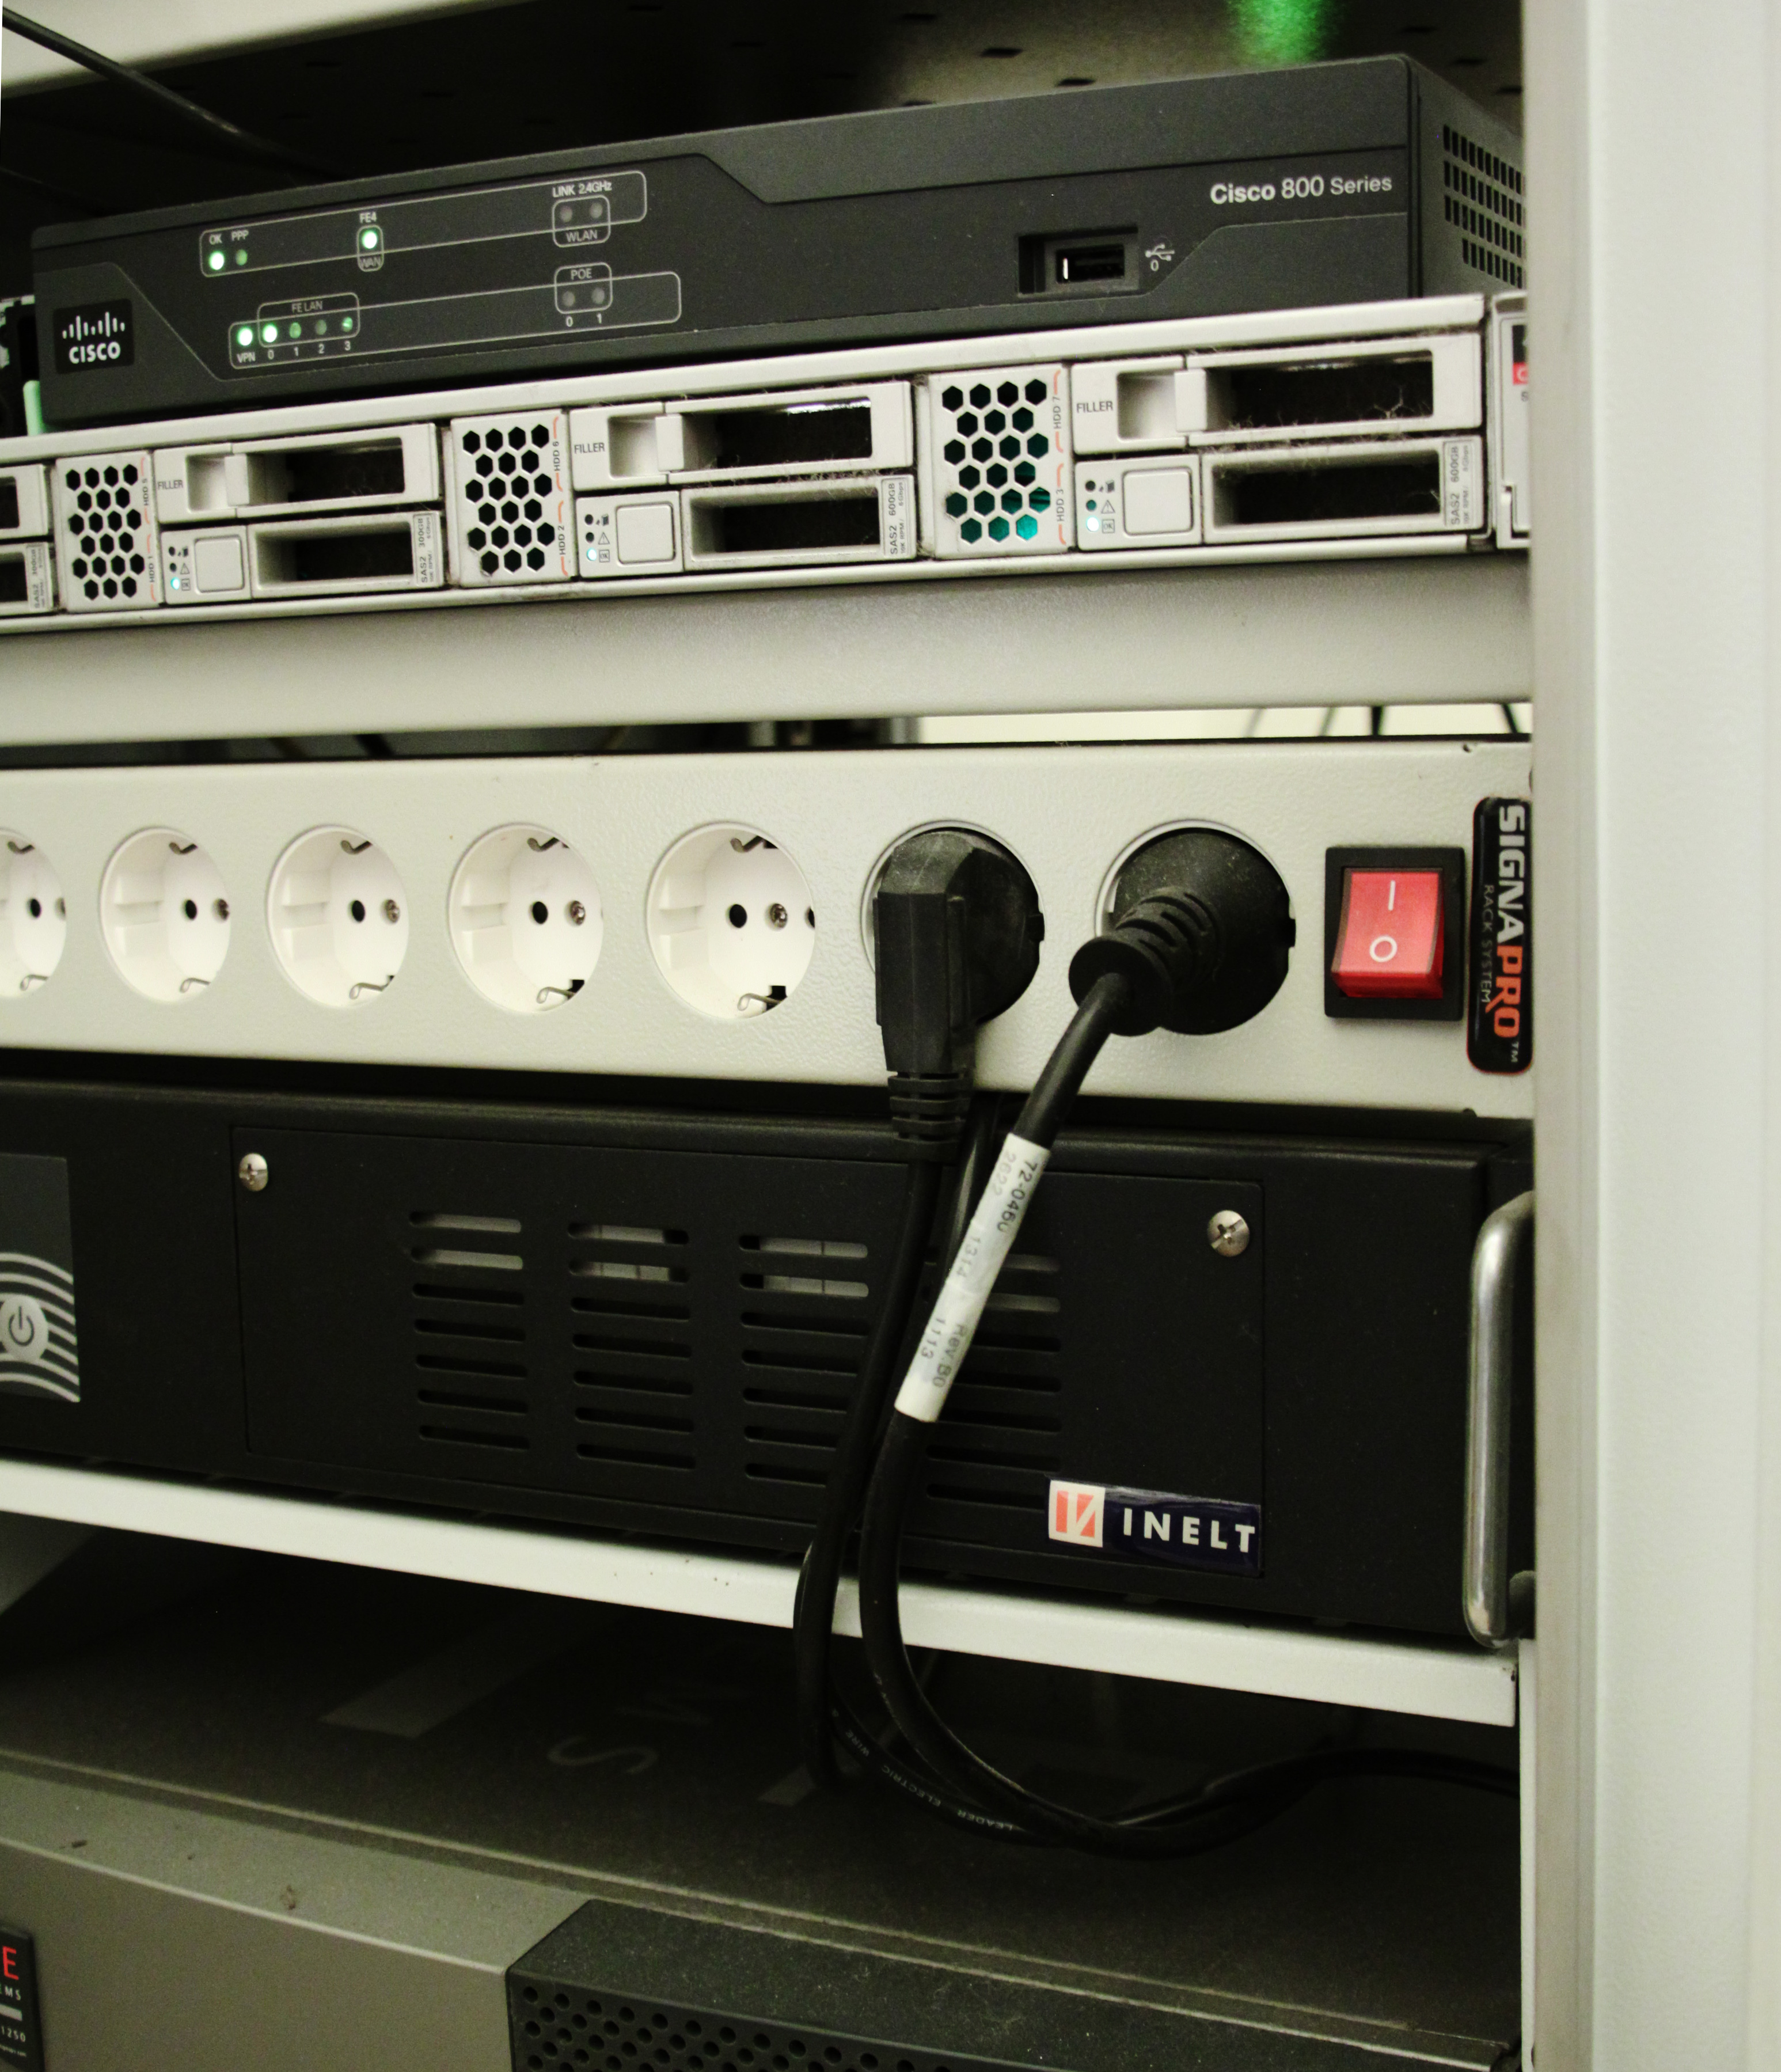 Применение ИБП Inelt на реальном оборудовании